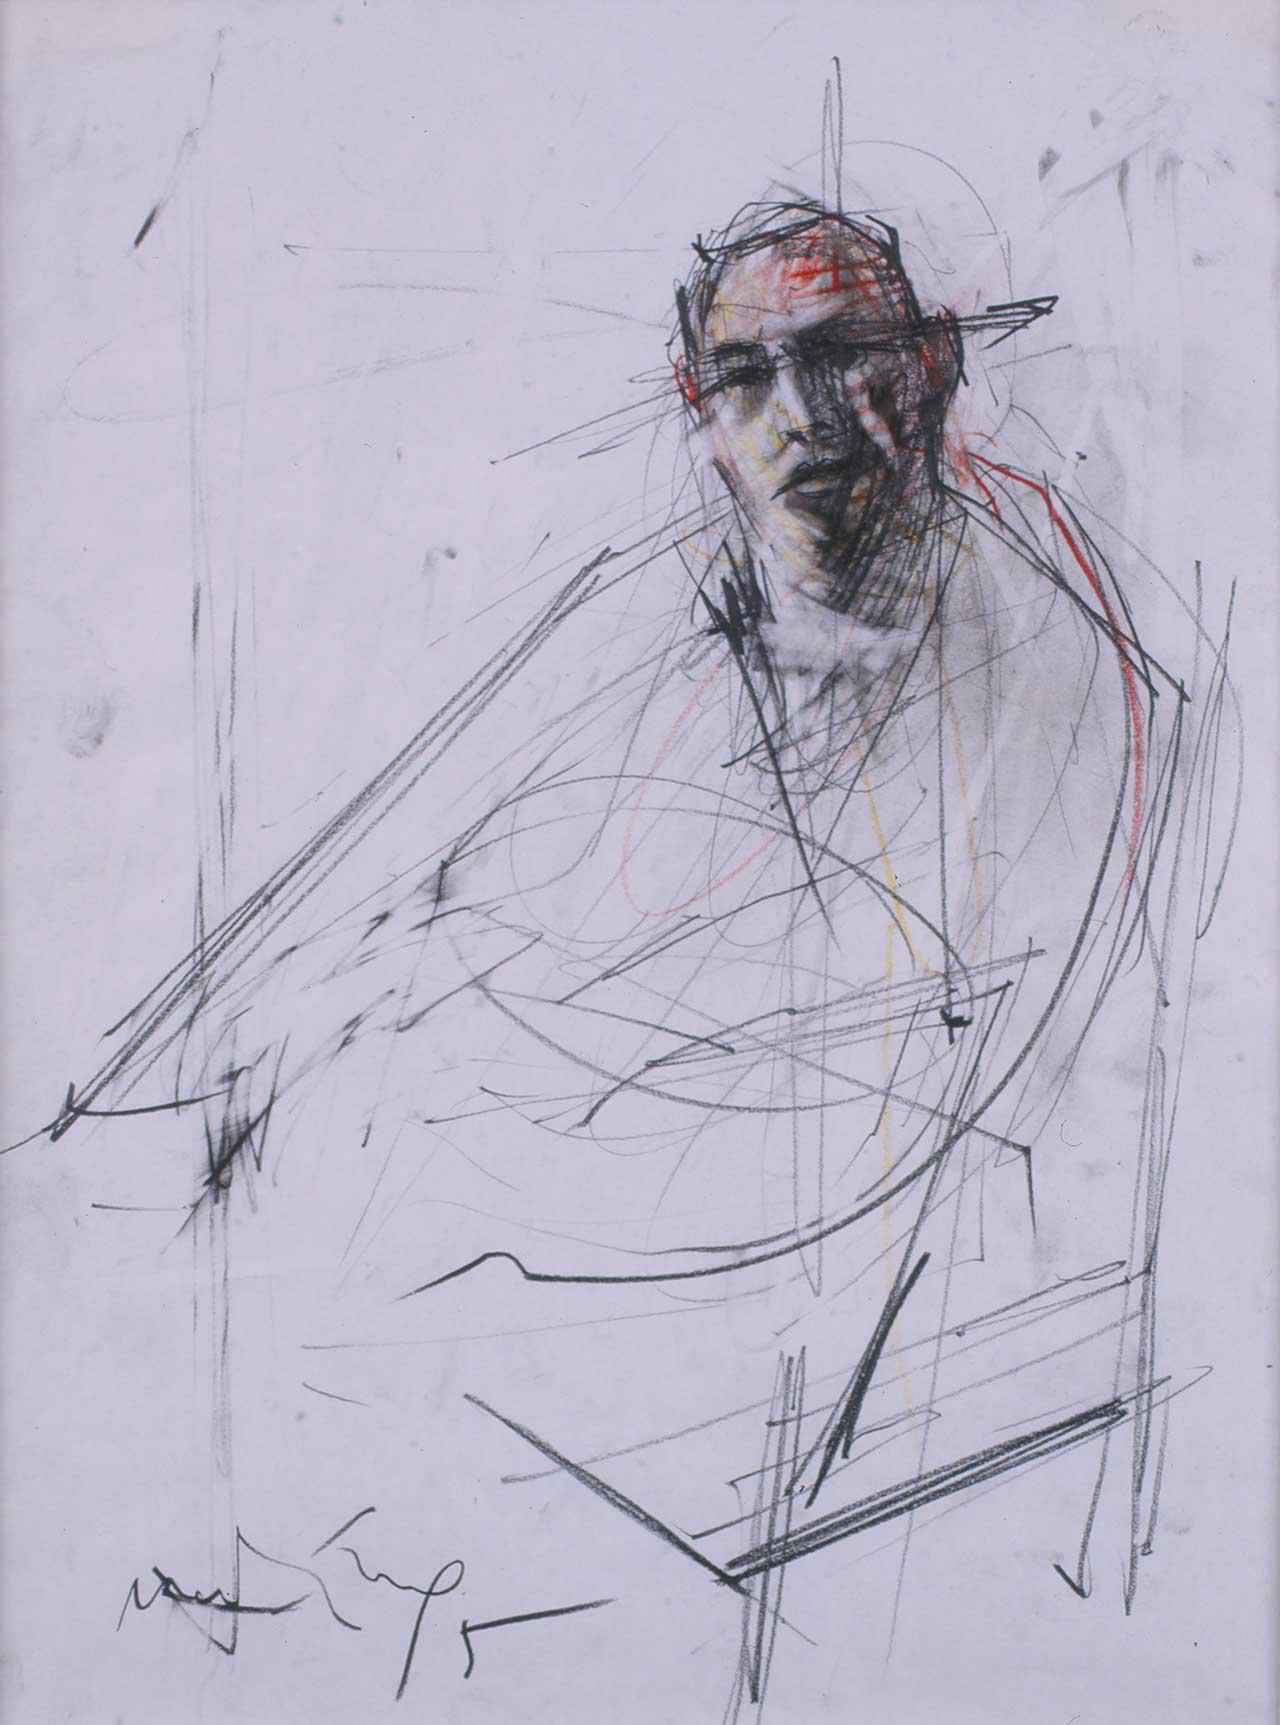 Χρίστος Χ., 1995, σχέδιο, 51x38 εκ.